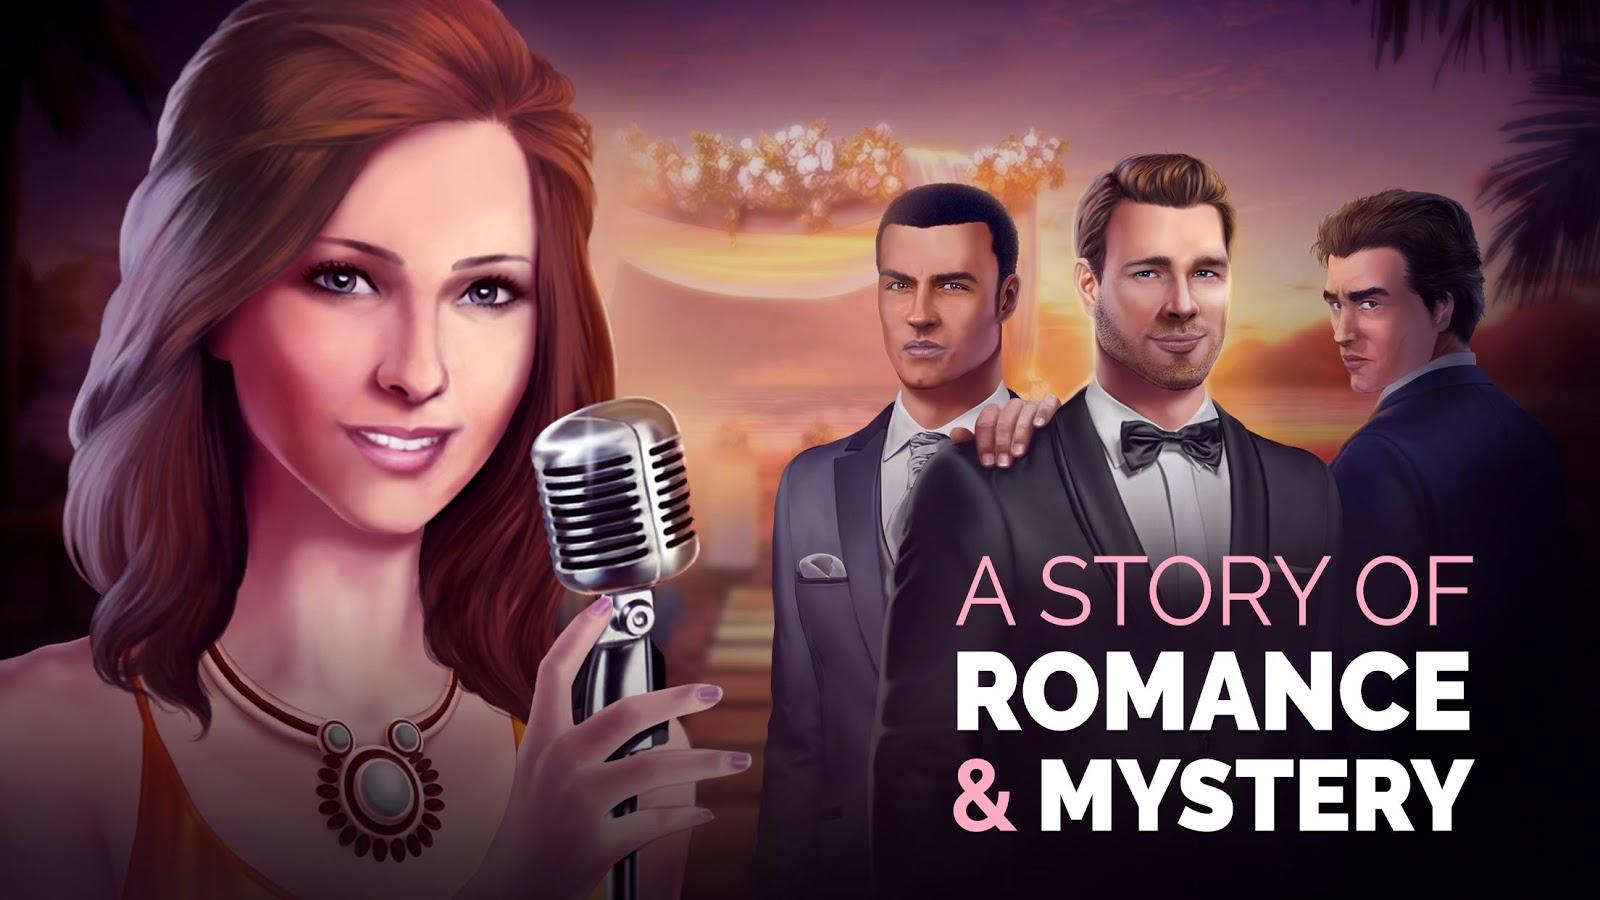 دانلود Linda Brown: Interactive Story 2.4.4 - بازی داستان تعاملی لیندا براون برای اندروید و iOS + مود